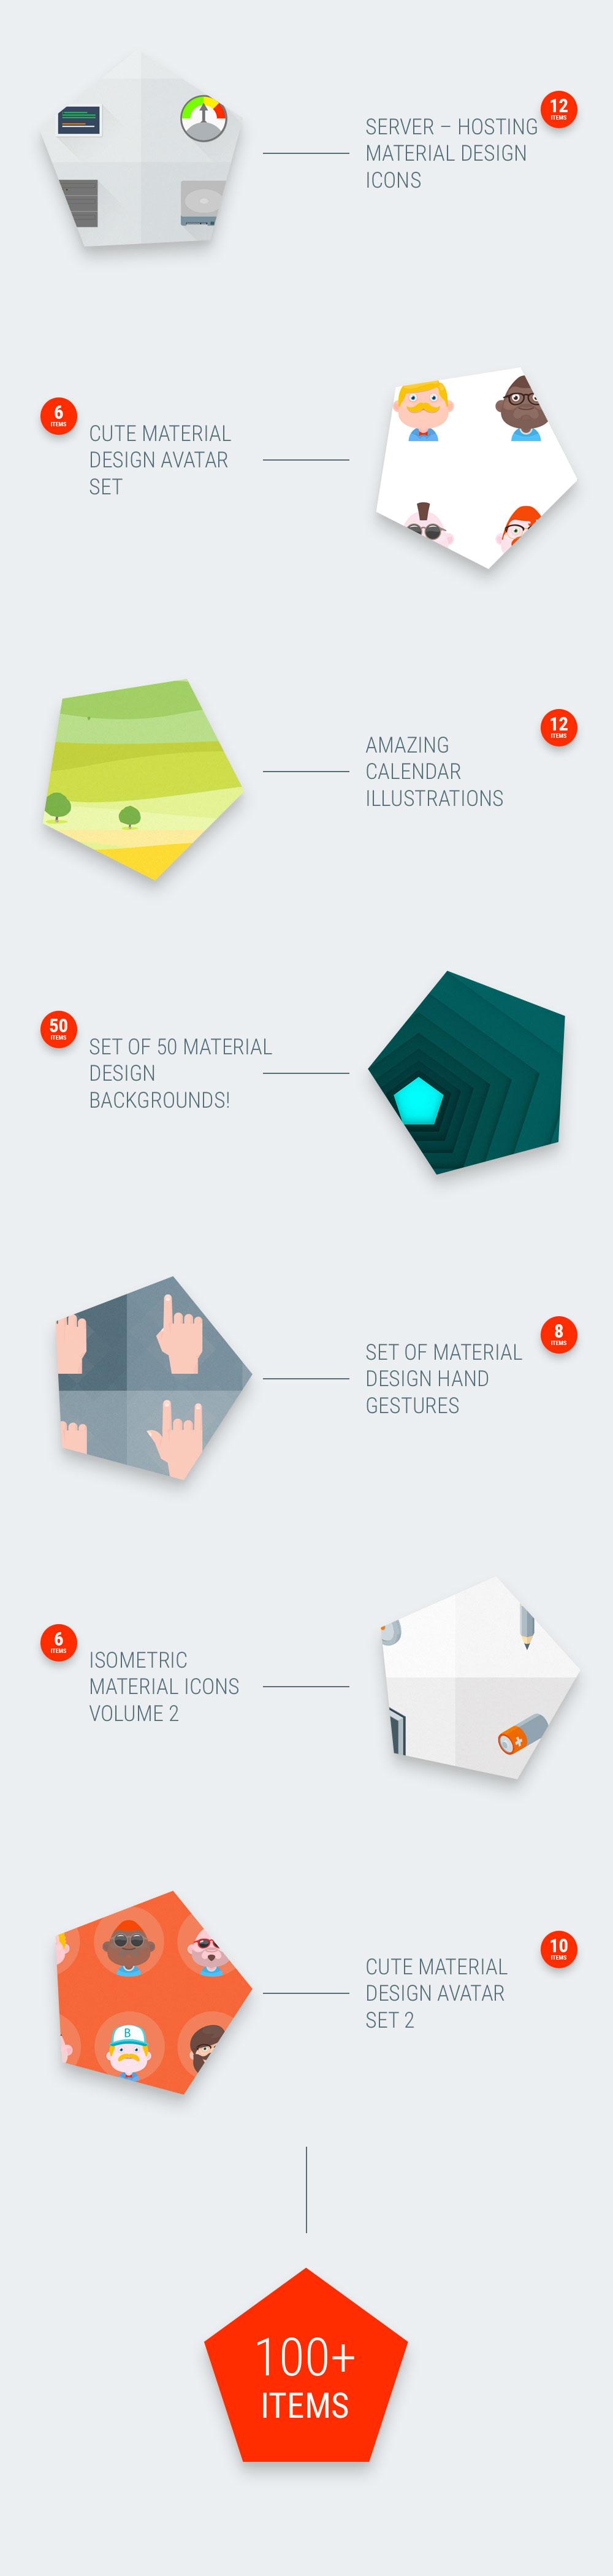 Material Design Bundle